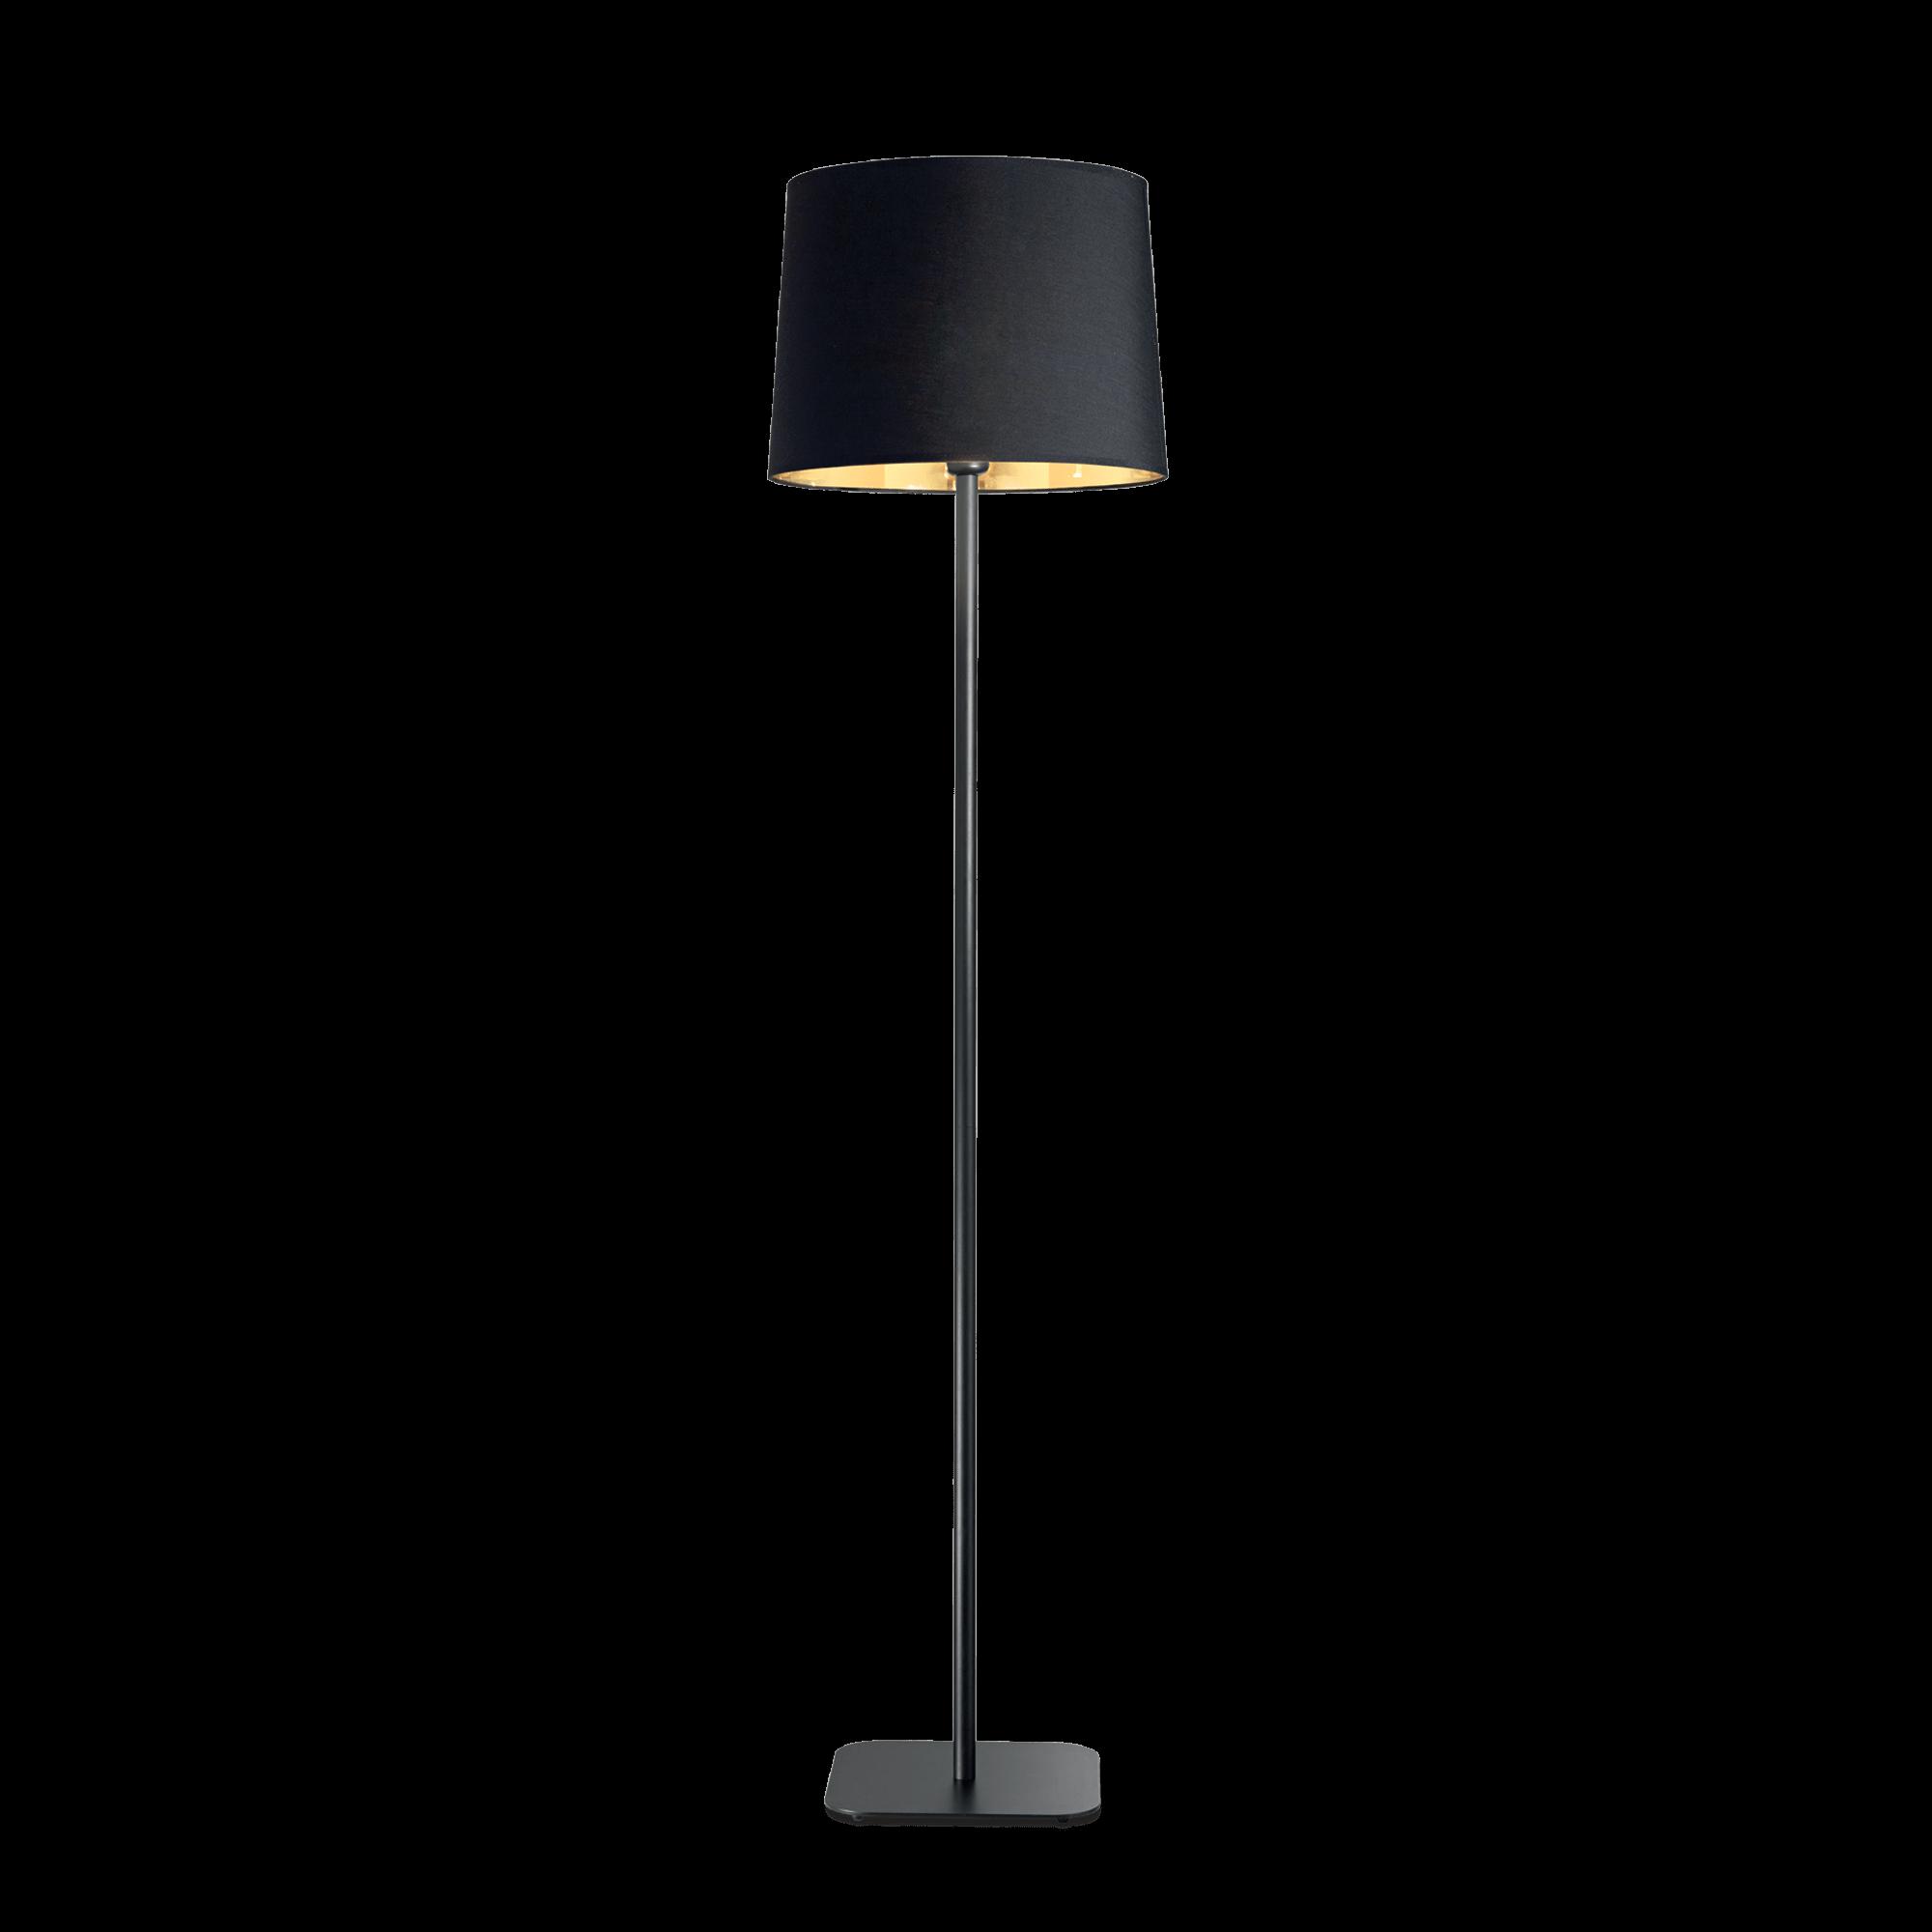 Ideal Lux 161716 NORDIK PT1 állólámpa